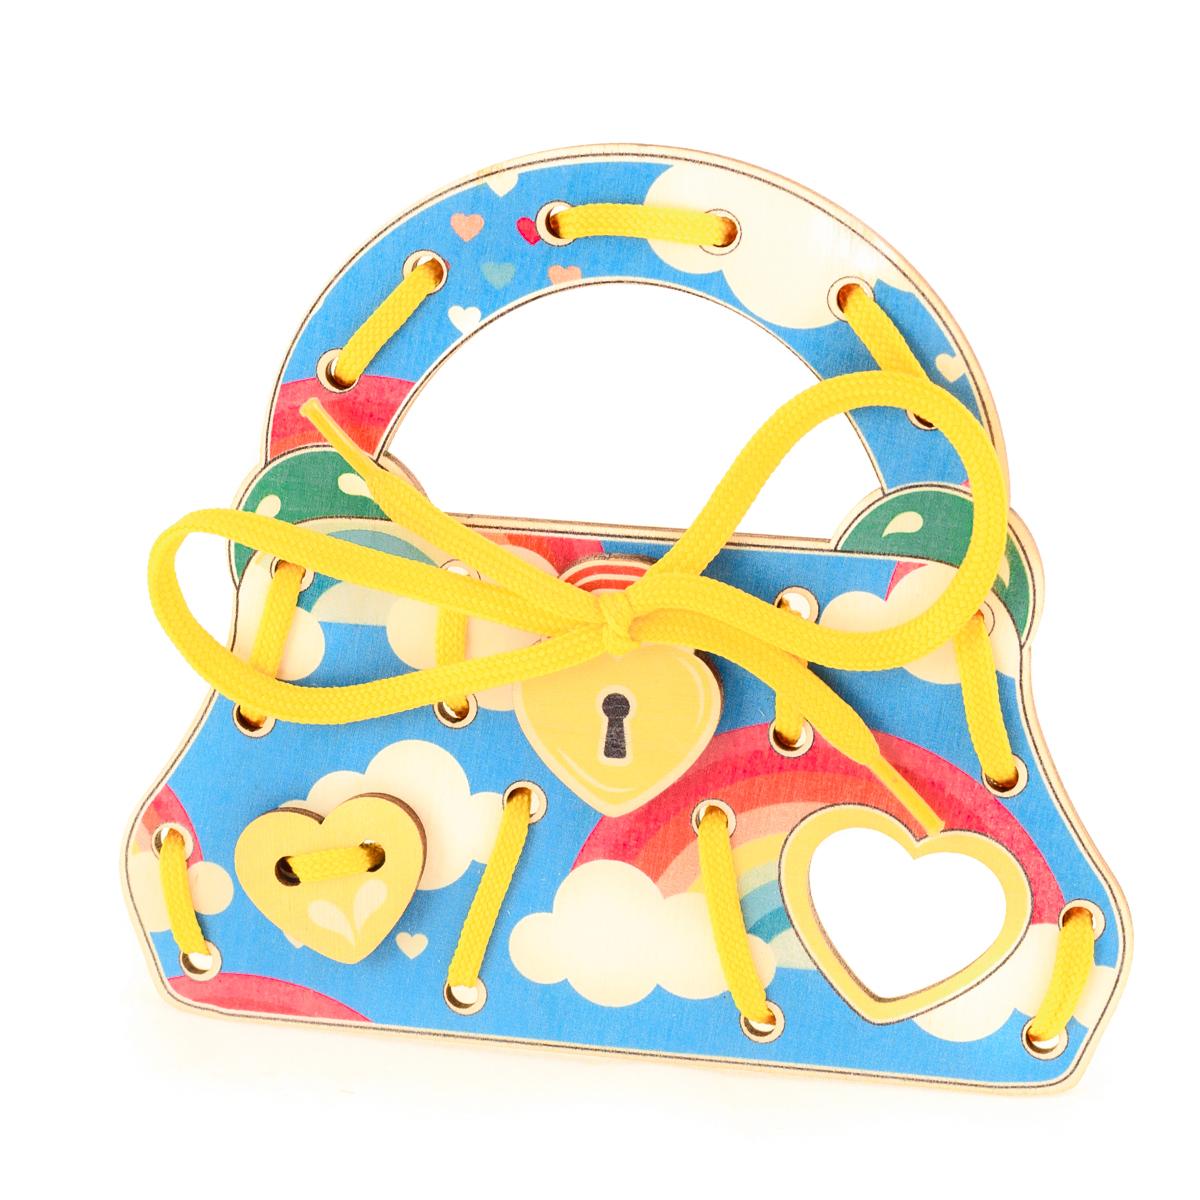 Развивающие деревянные игрушки Шнуровка Сумочка Радуга в небеД499аШнуровка из качественных деревоматериалов - прекрасная игрушка для развития ребенка. Шнуровка СУМОЧКА РАДУГА В НЕБЕ из обработатнной фанеры непременно станет любимой игрушкой маленькой красавицы и послужит незаменимым пособием для развития моторики ребенка. Насыщенные цвета и разнообразные формы будут стимулировать детское воображение и фантазию, развивать внимание, цветовое восприятие, моторику и координацию. ВНИМАНИЕ! Детали игрушки выполнены из натурального дерева (деревоматериала) без покрытия лаками или другими химическими составами. Перед использованием удалите остатки древесины и древесную пыль, тщательно протерев детали игрушки мягкой тканью!